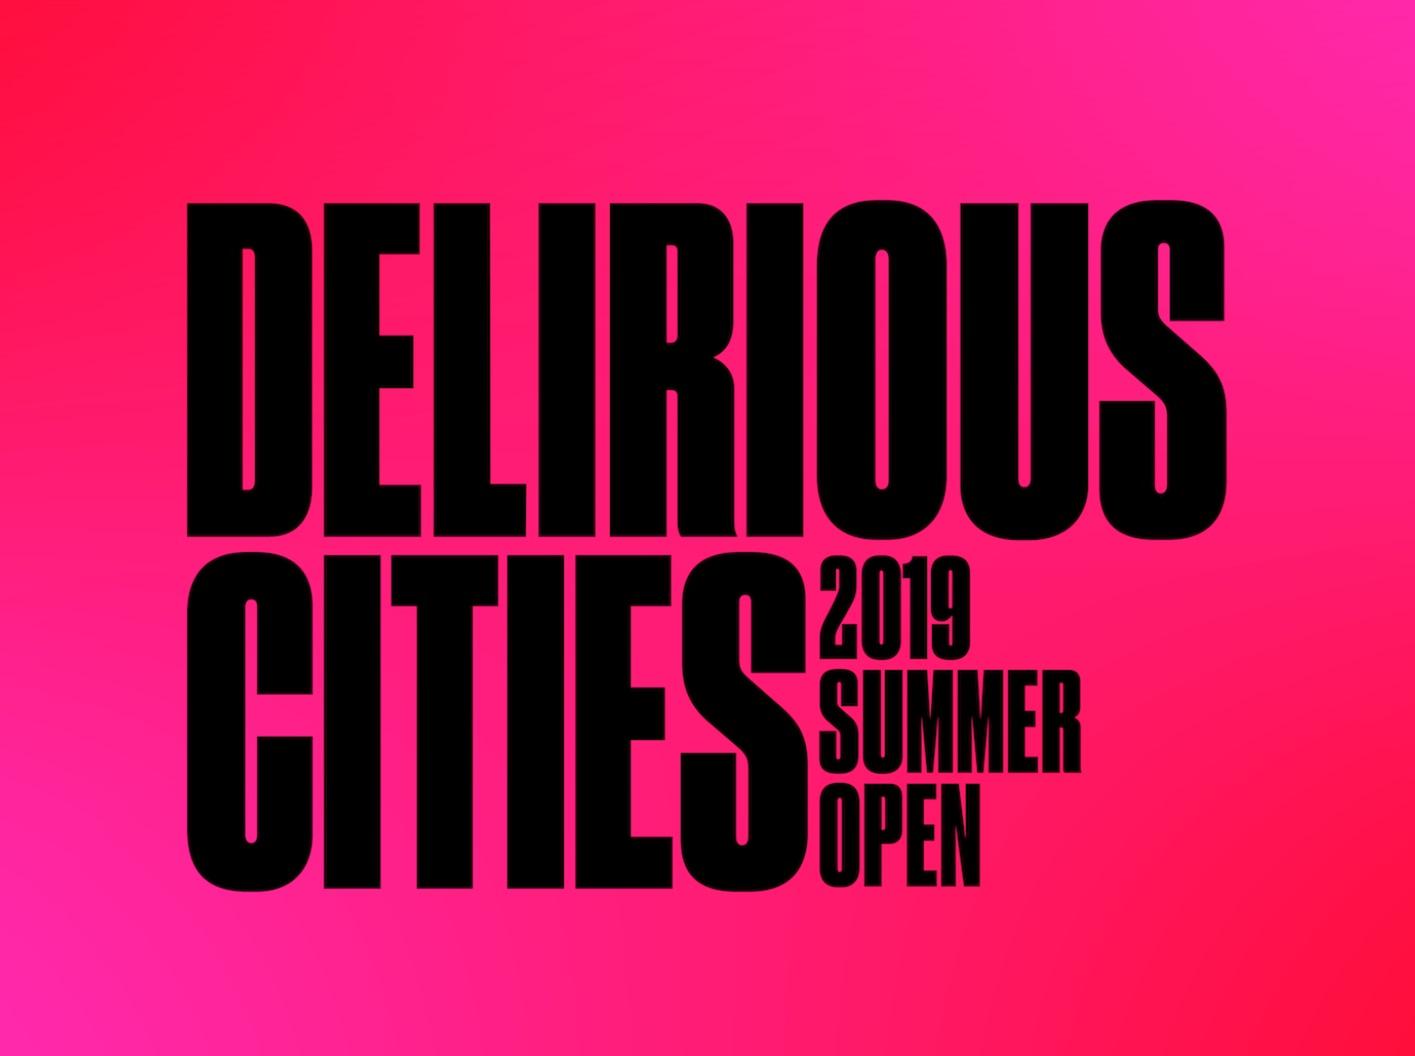 2019 Aperture Summer Open - logo